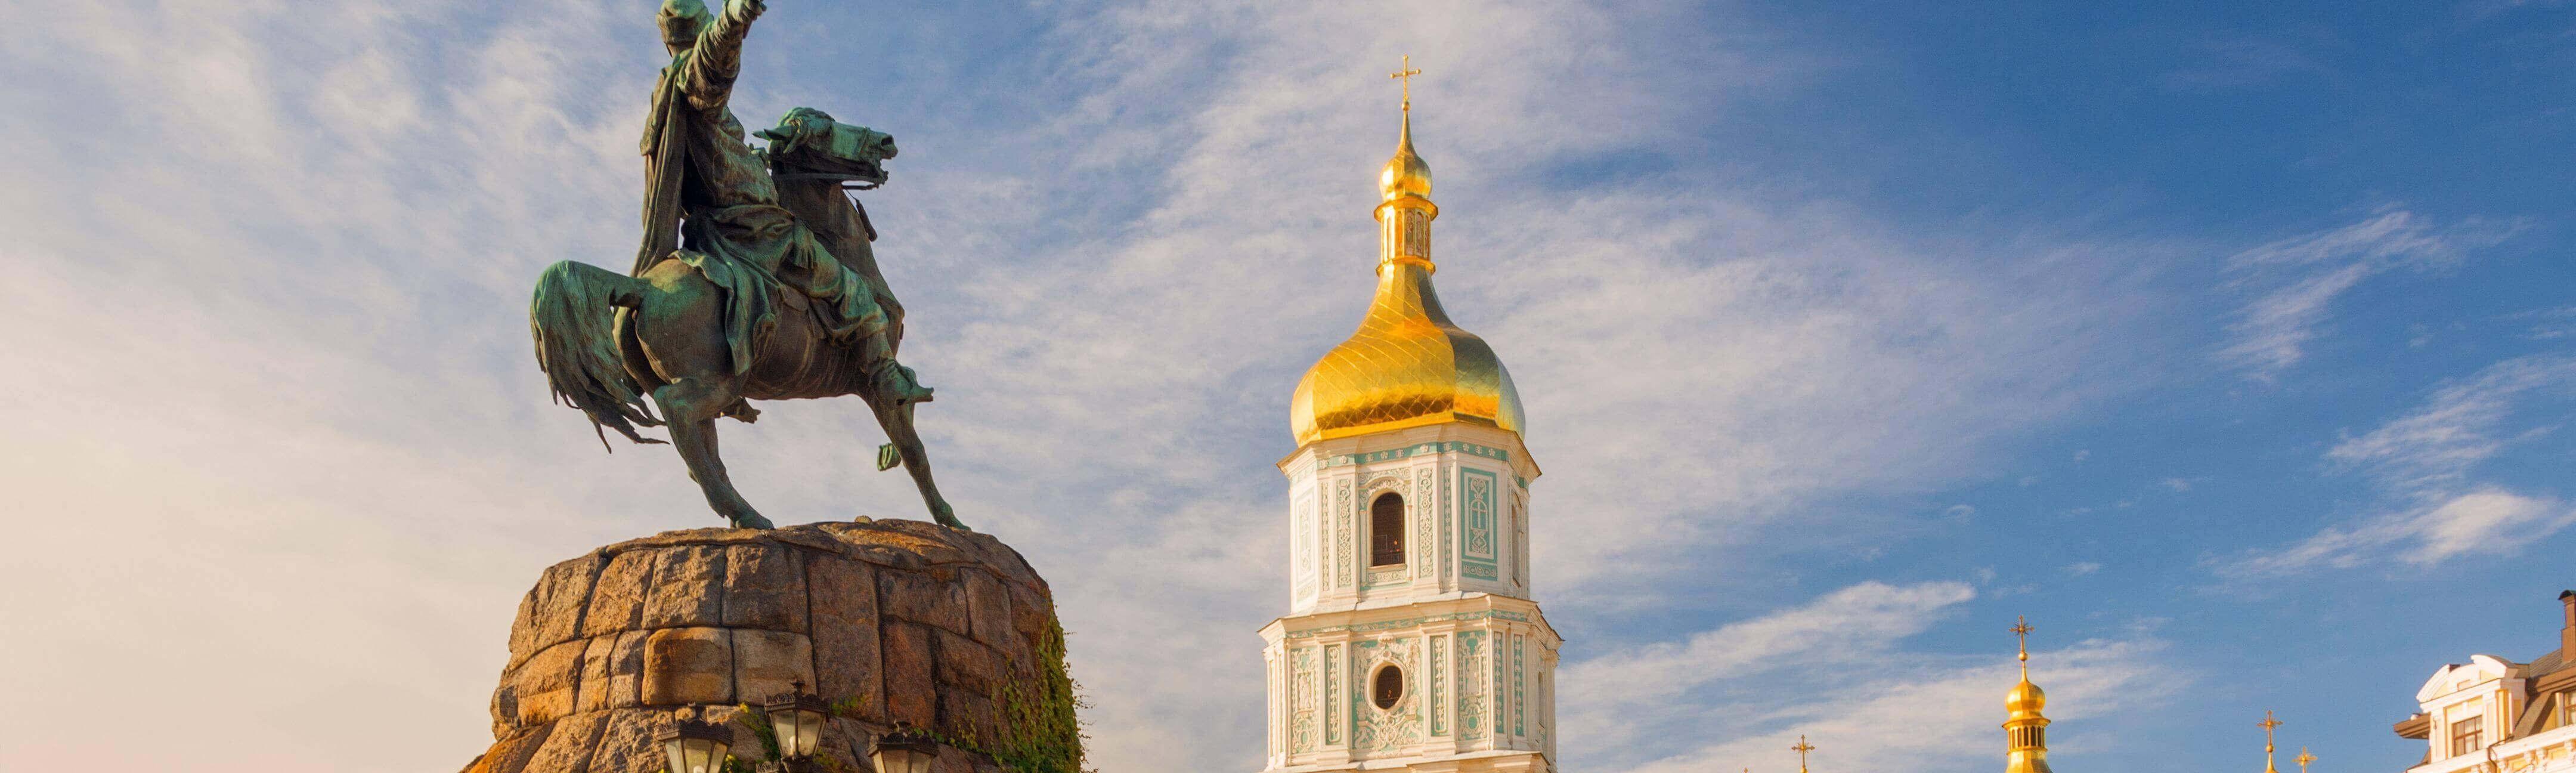 Kyiv, UA